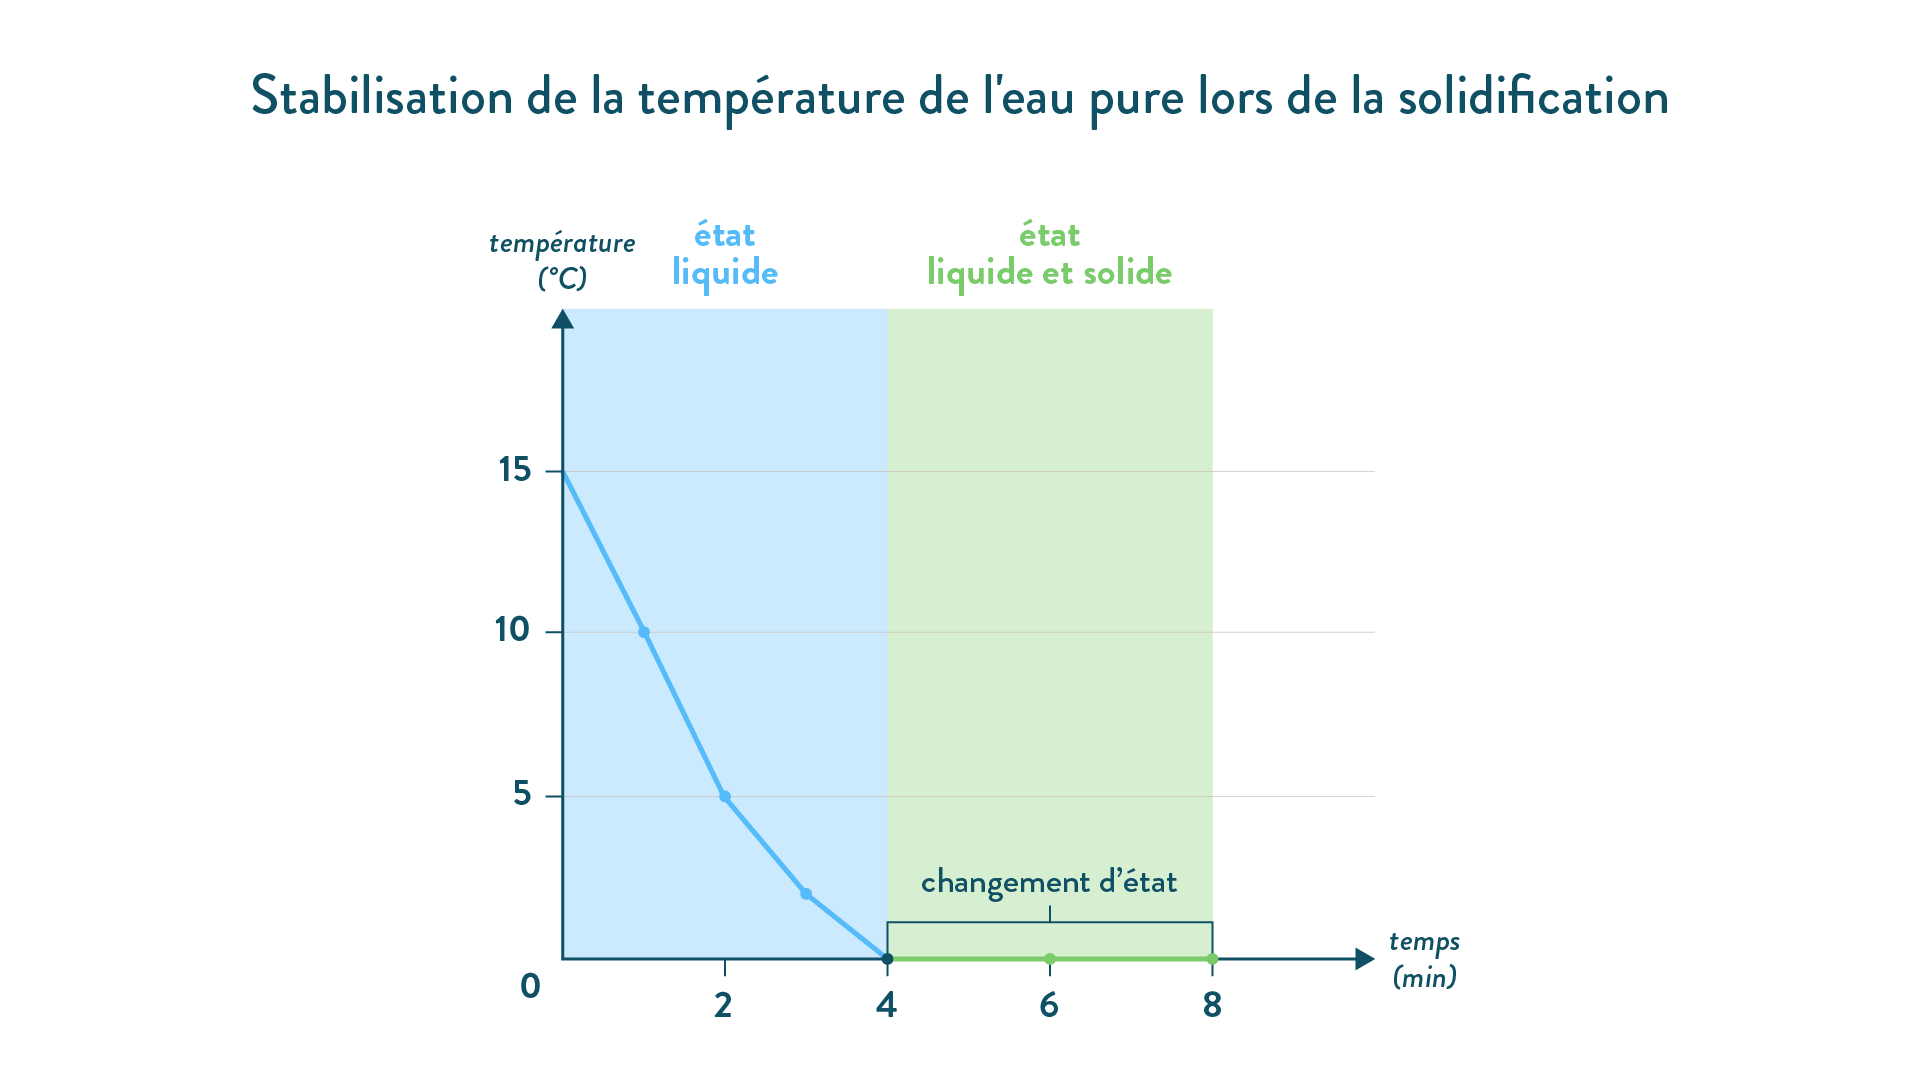 Stabilisation de la température de l'eau pure lors de la solidification